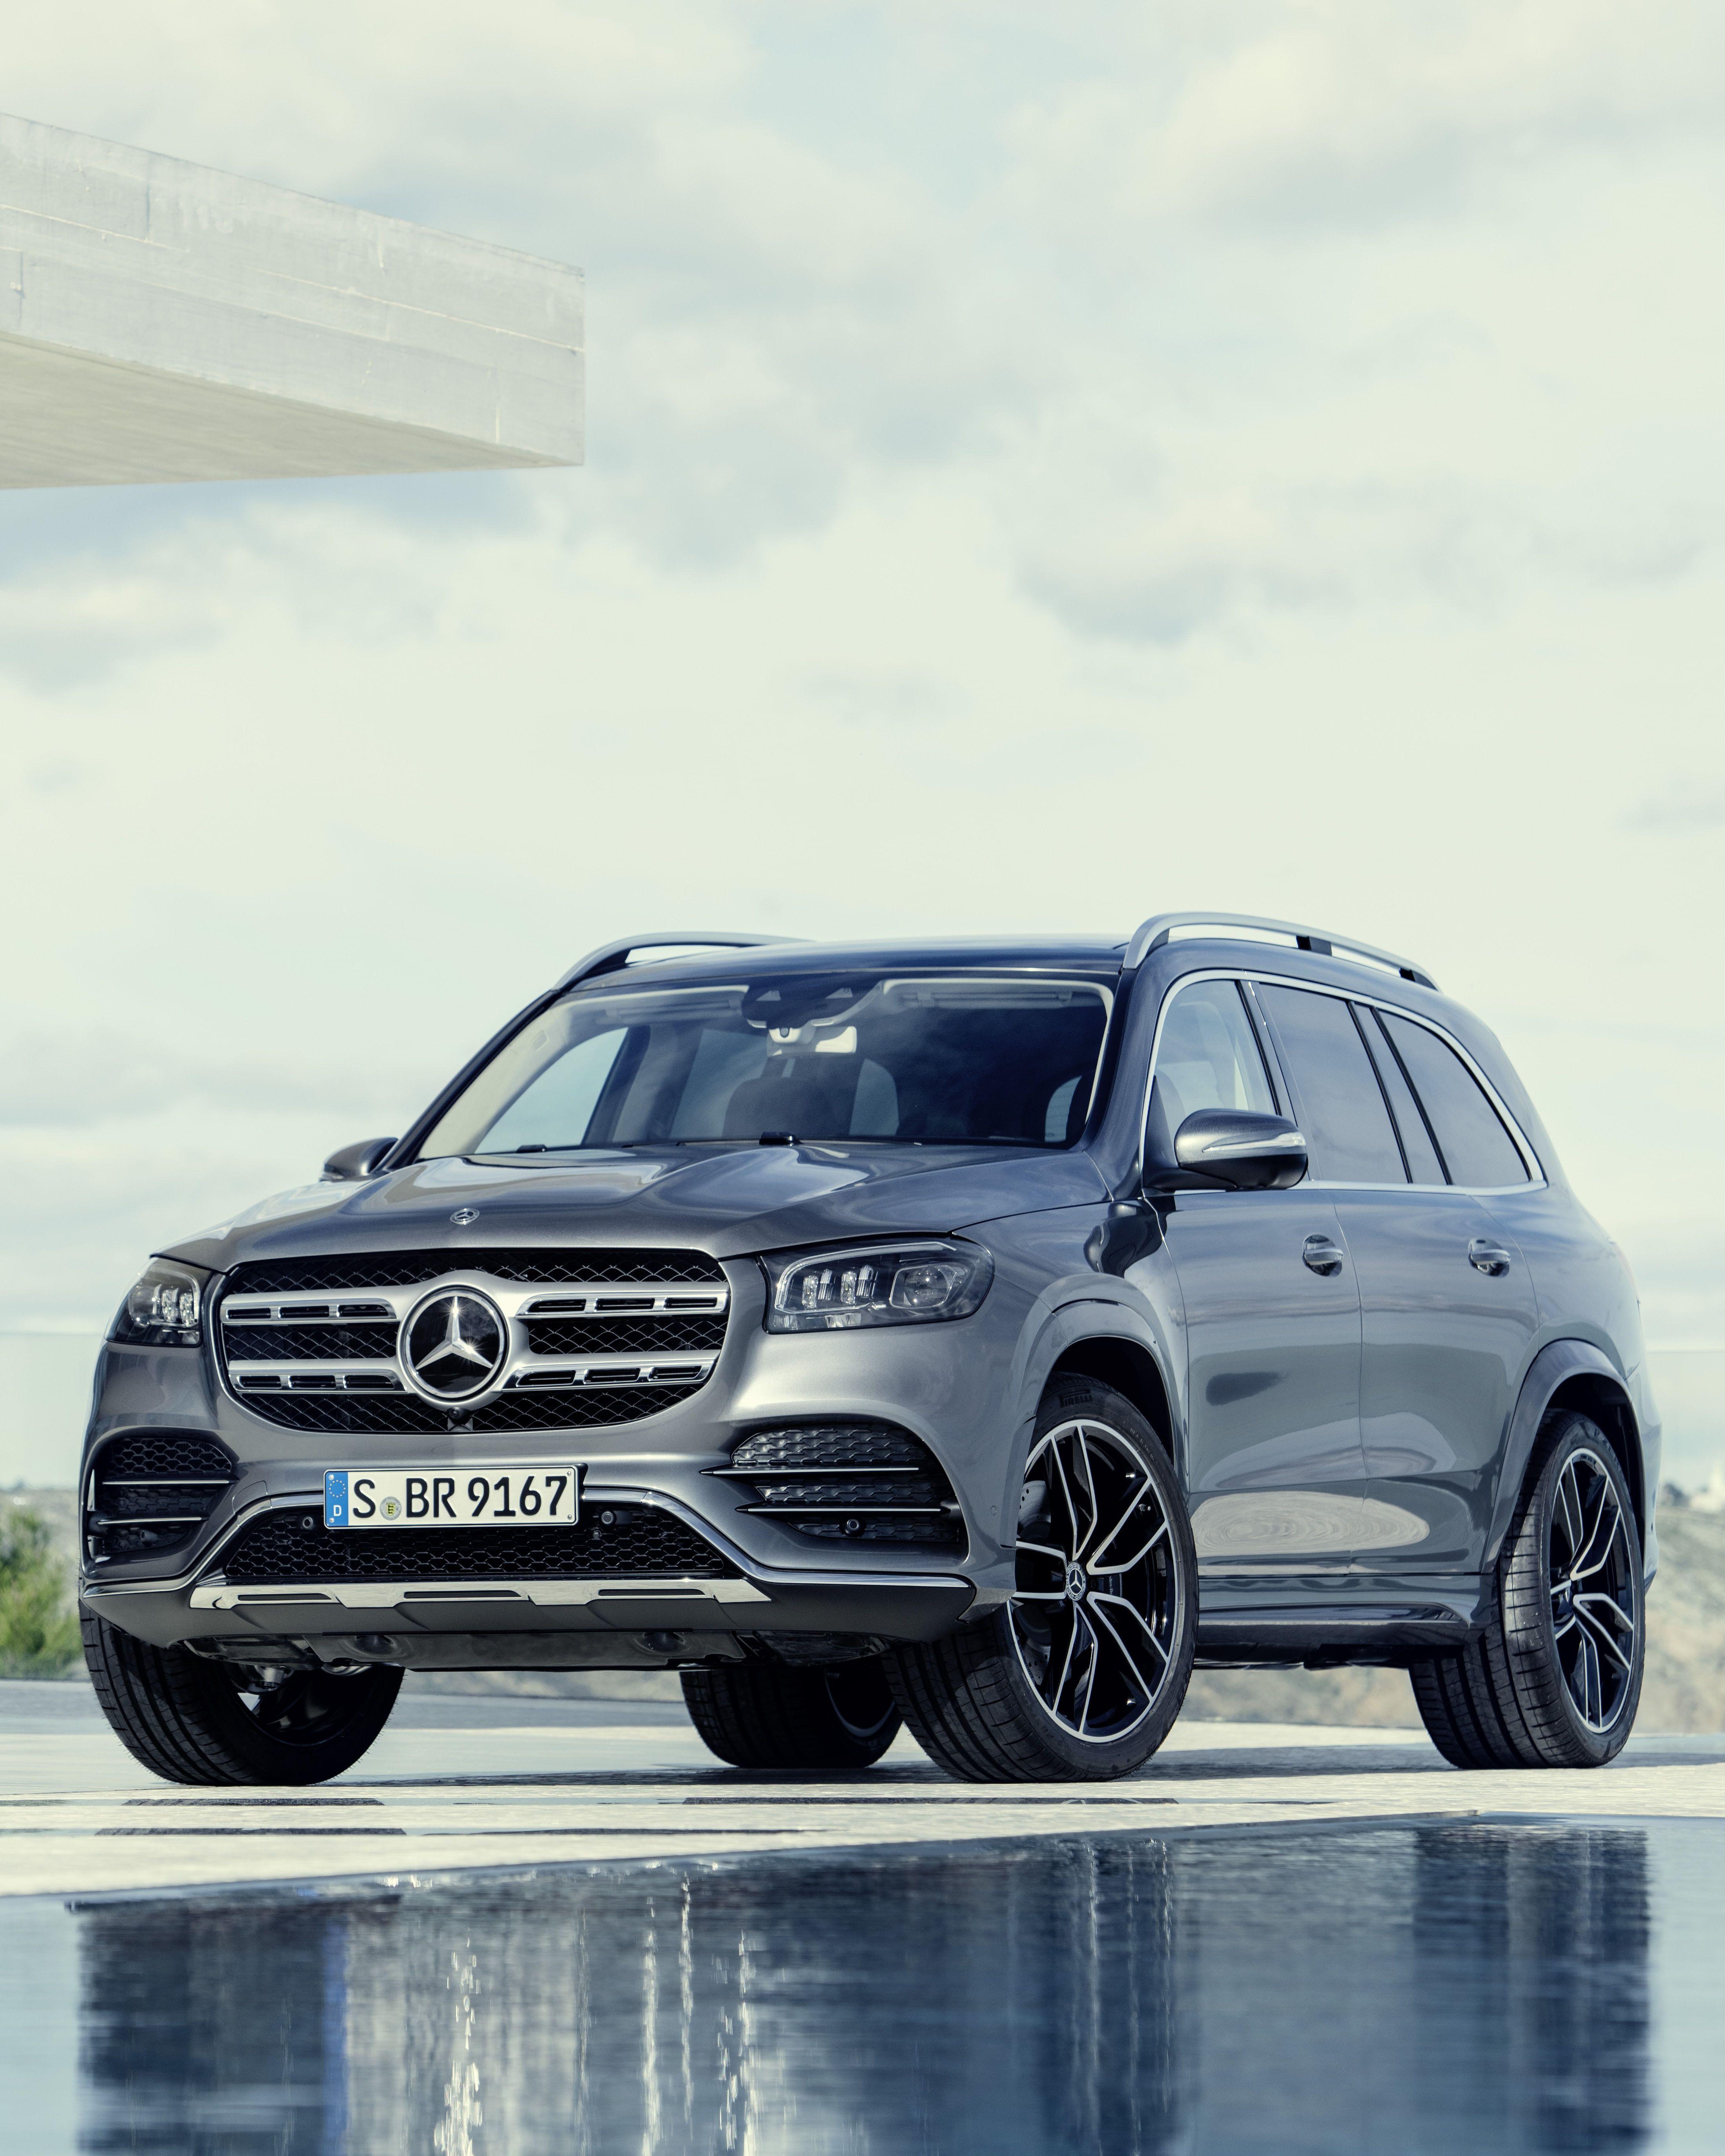 2019 Mercedes Benz Gls The Man Mercedes Suv Luxury Mercedes